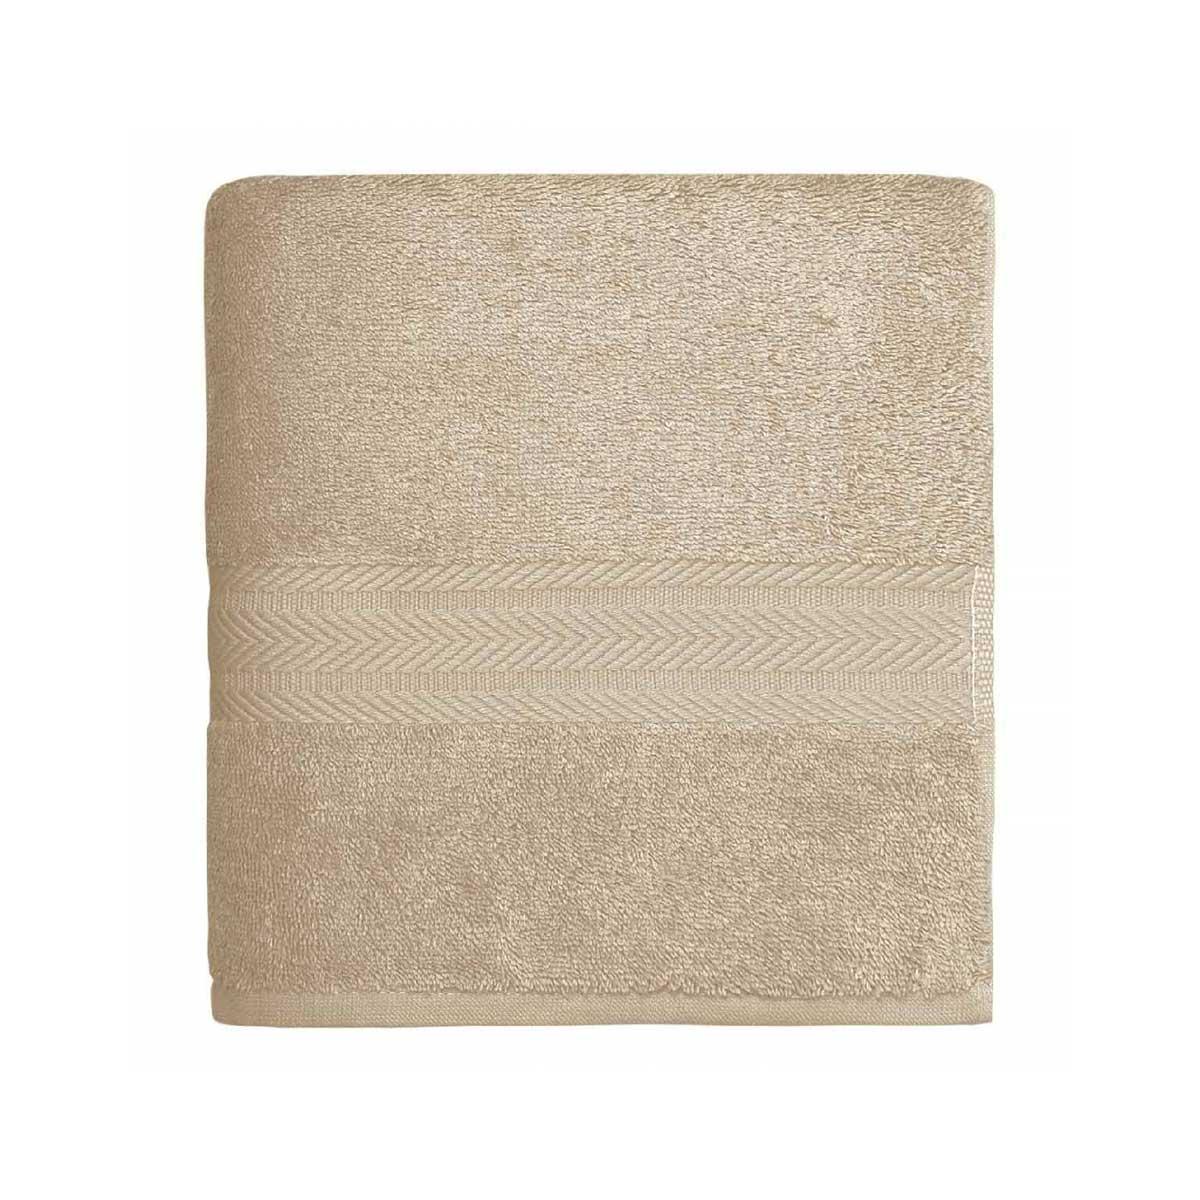 Linge de bain en coton moelleux 550gr/m² - Ficelle - 50 x 100 cm